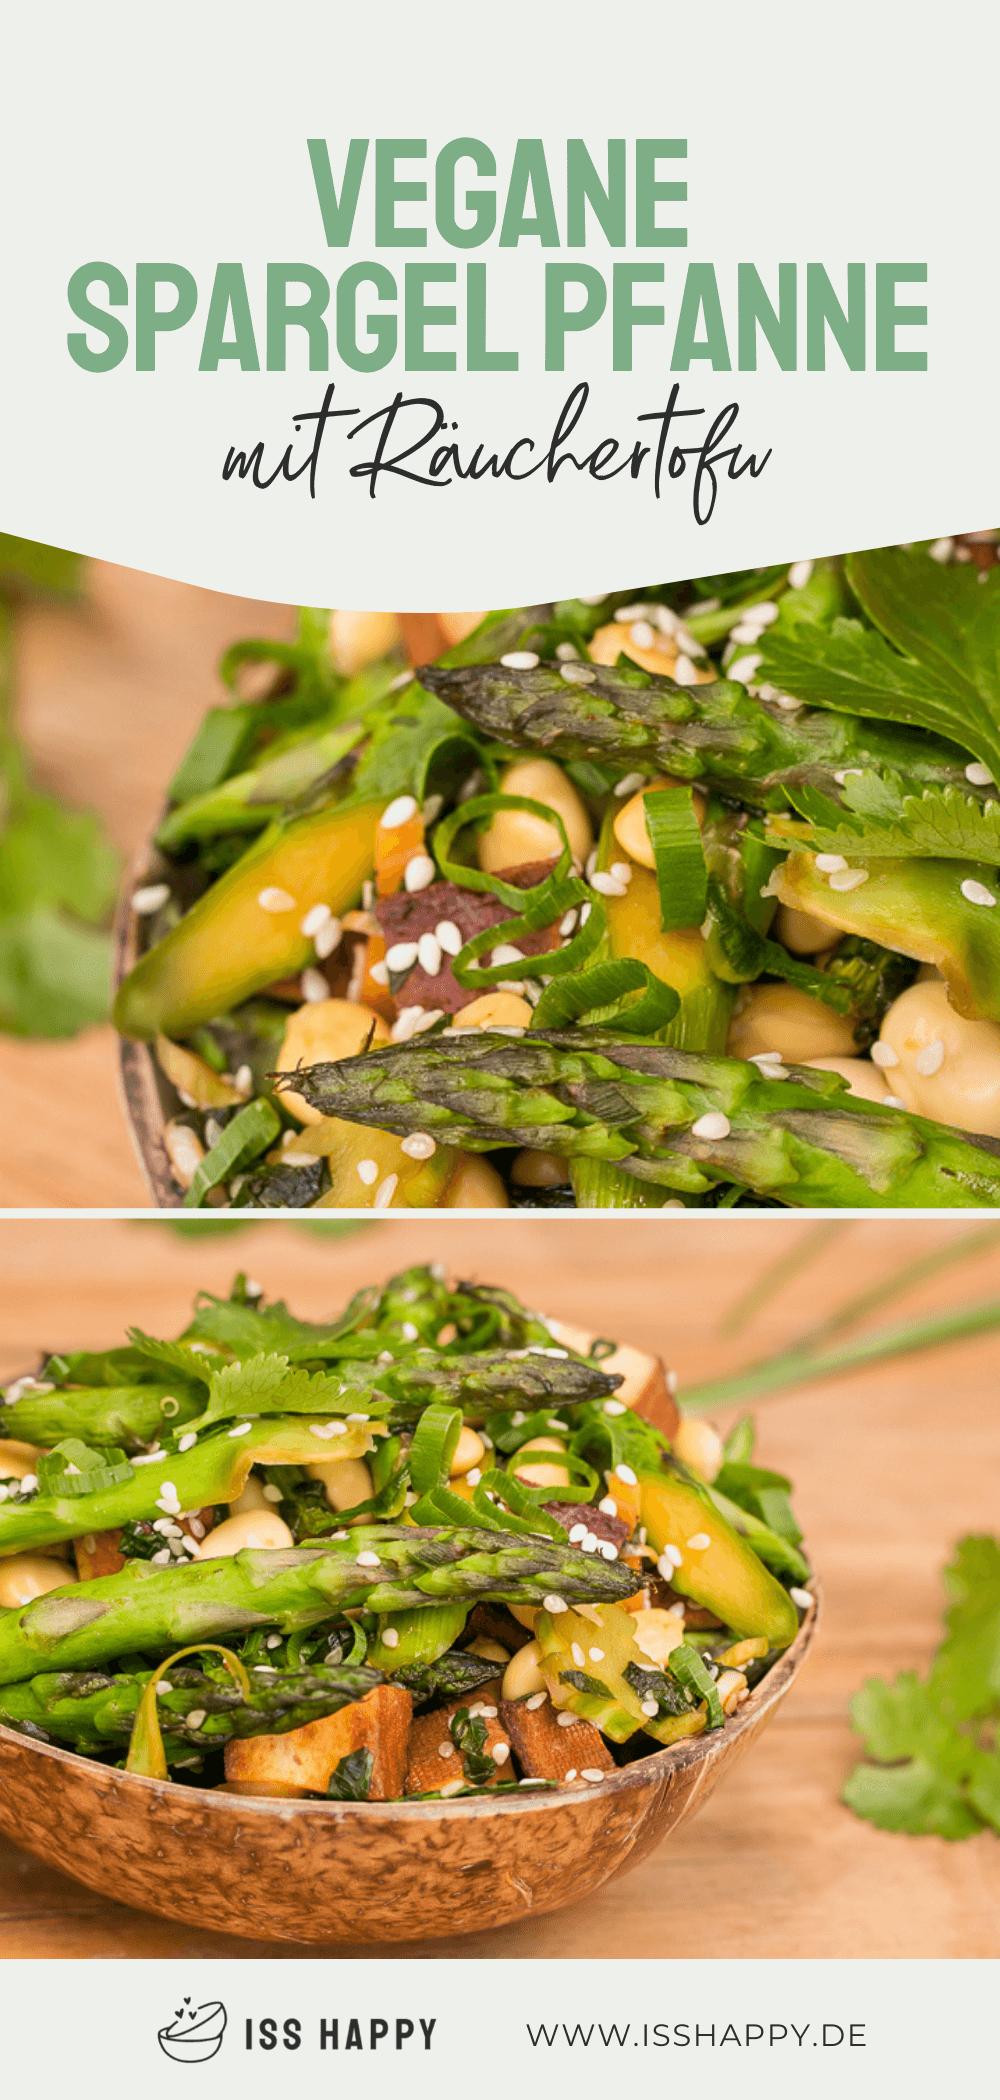 Grüne Spargel Pfanne mit Brokkoli und Räuchertofu - vegan & lecker